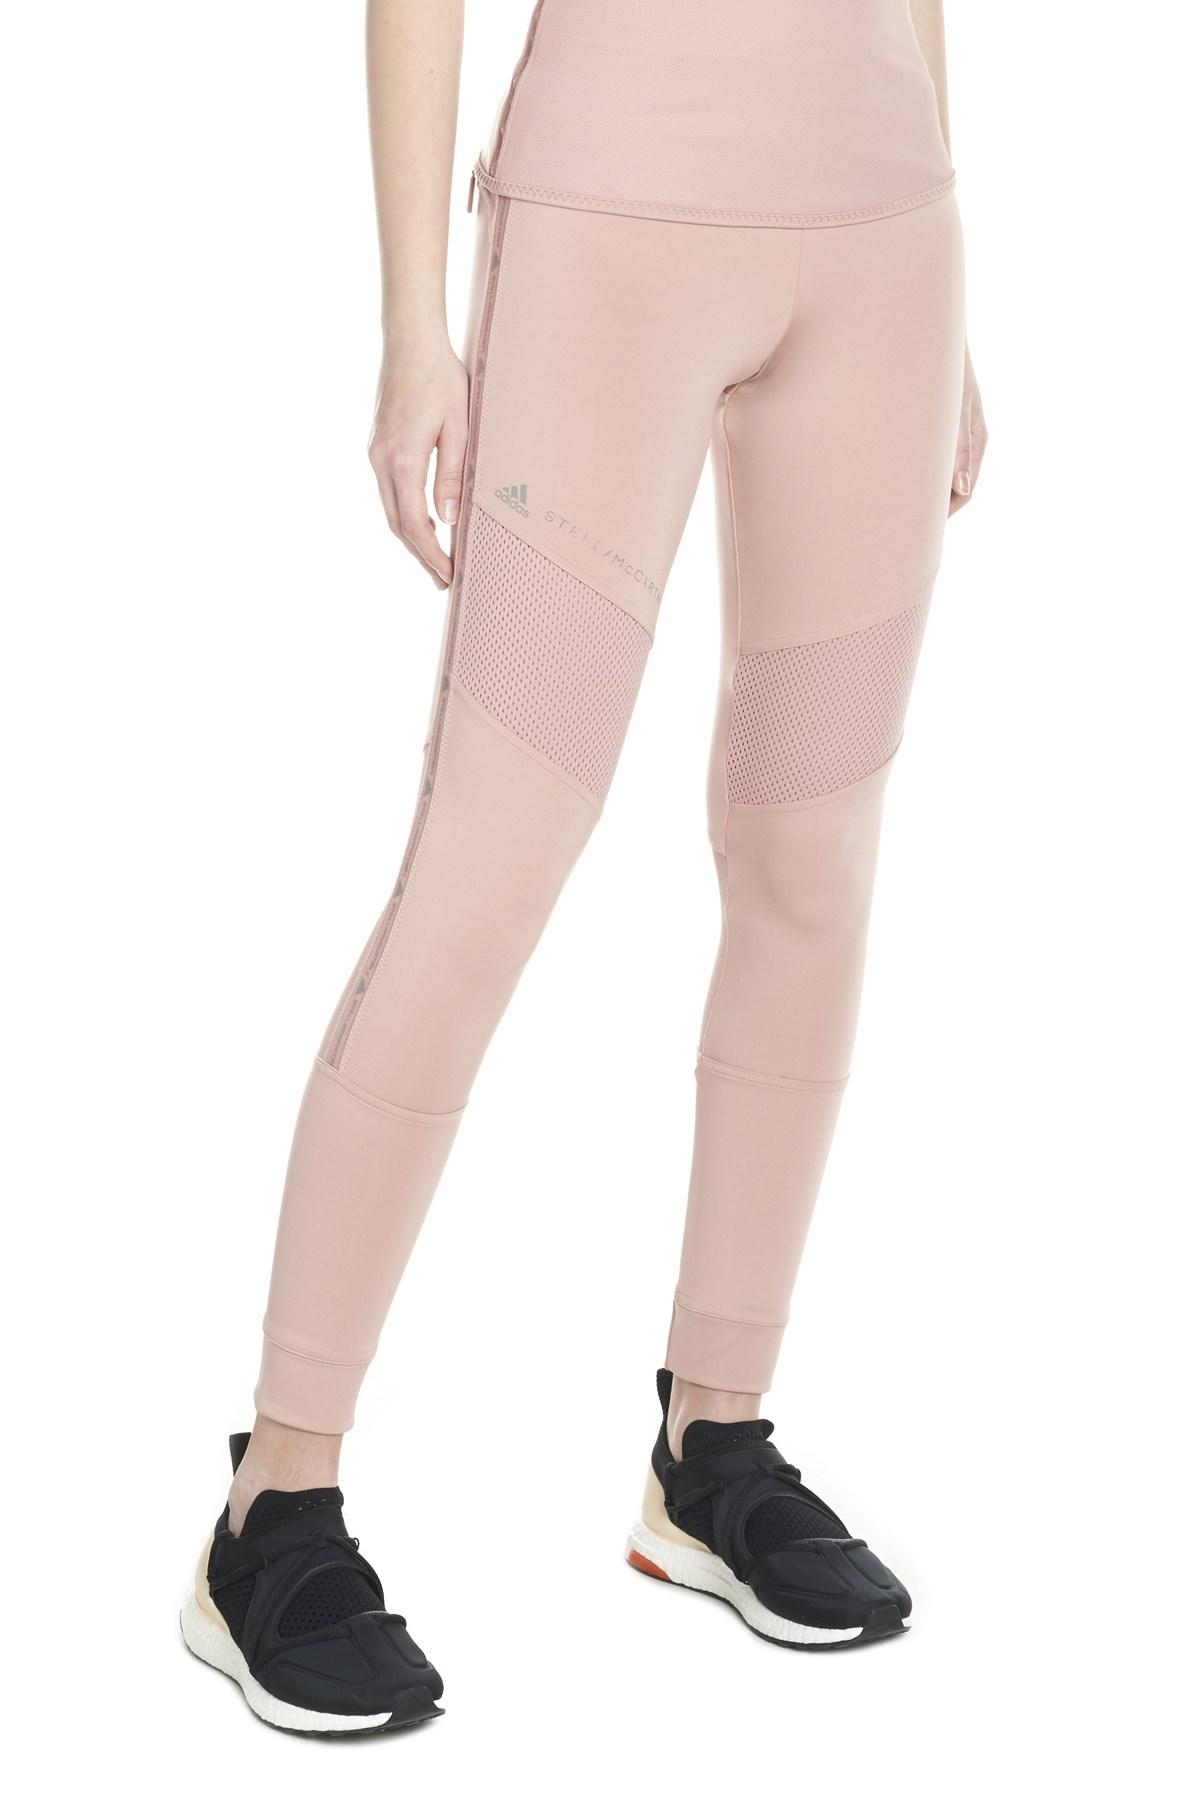 623bdfff9ad adidas by stella mccartney logo leggings available on julian-fashion ...